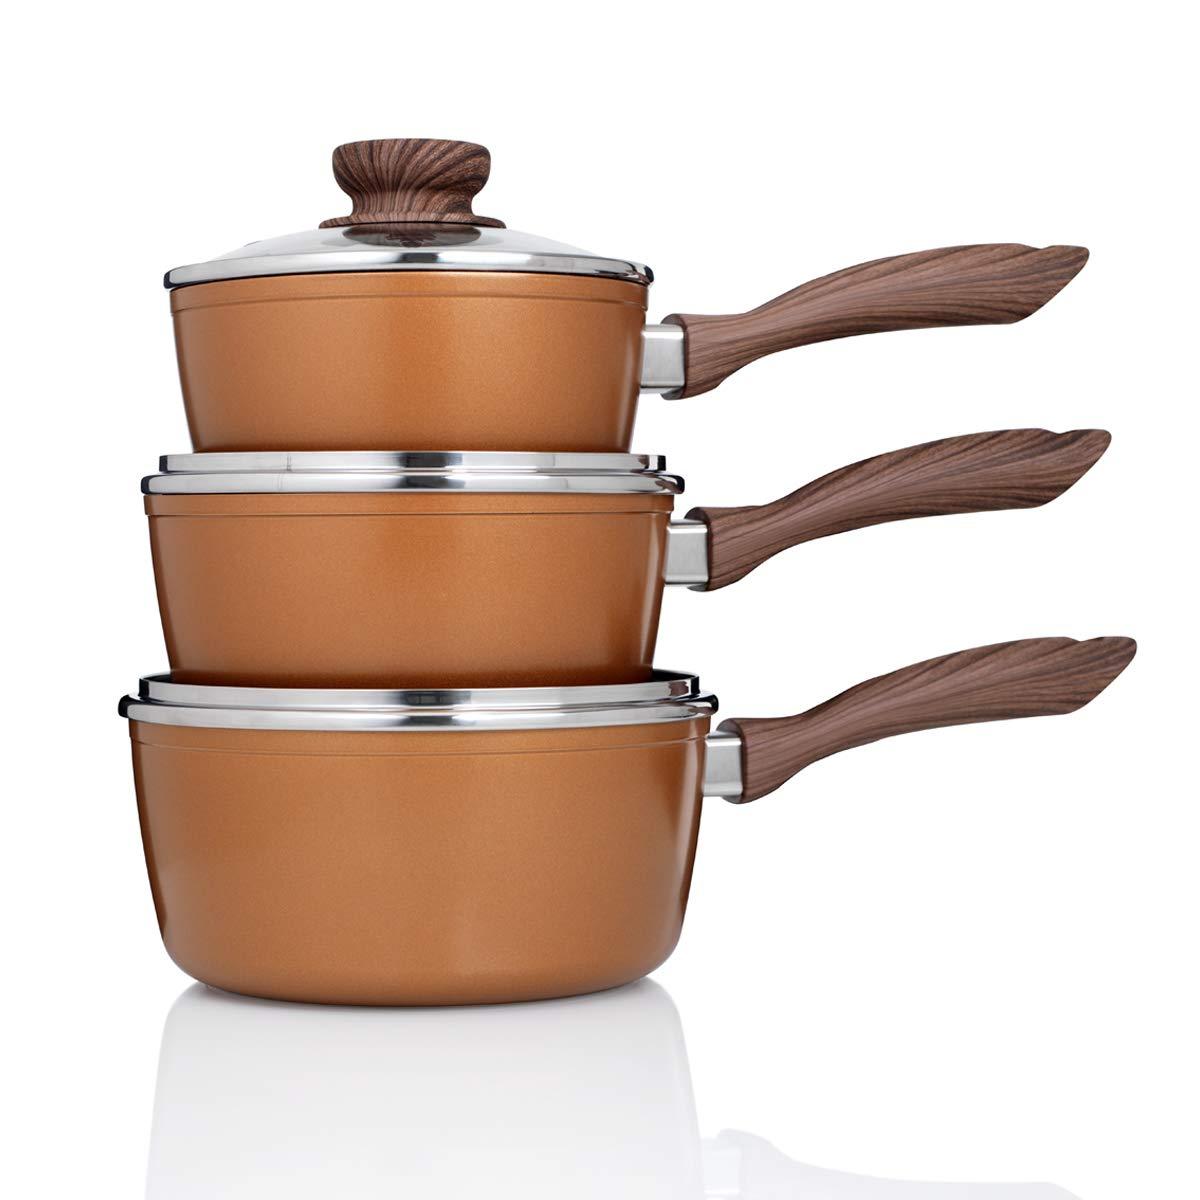 JML Copper Stone Pans: Saucepans (8 pcs) A000273